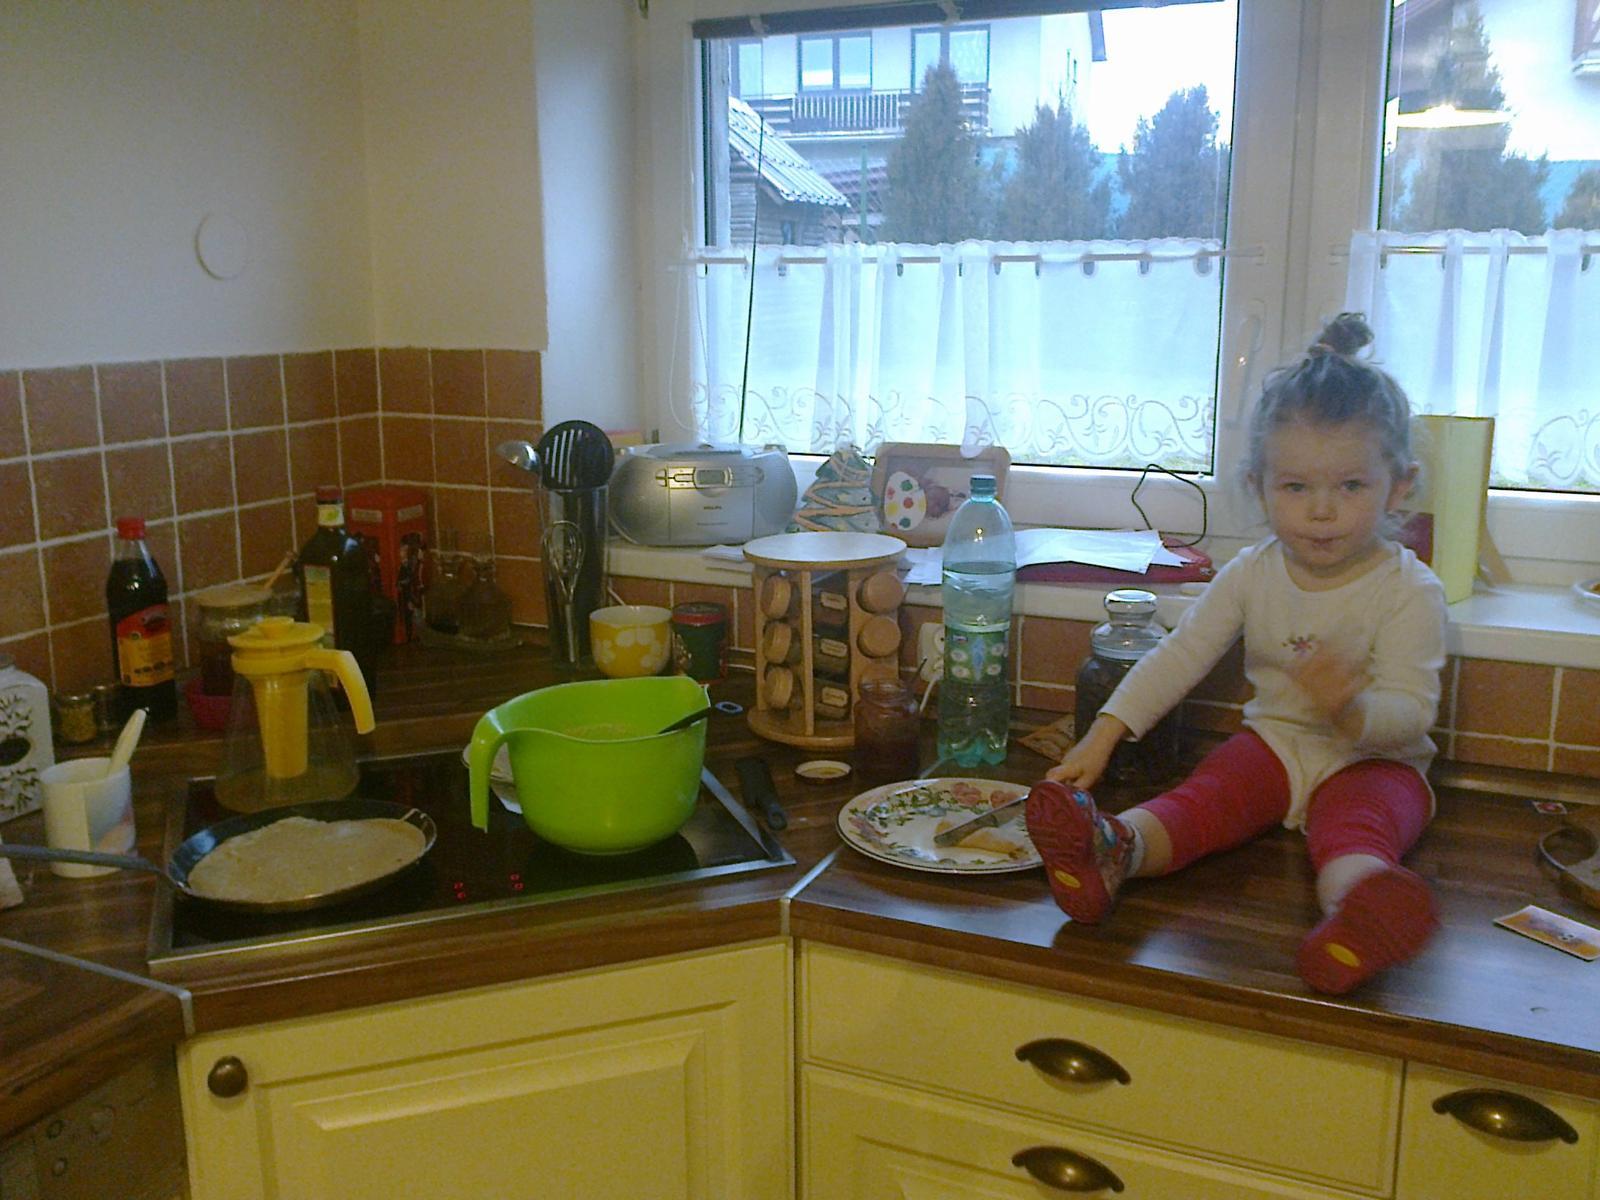 """Naše bývanie - Táto fotka je už novšia... dcérka už má 2,5 roka, v ľavom """"rožku"""" je už umývačka riadu. :-) Okno sme museli zväčšiť, kuchyňa je presvetlenejšia... ospravedlňujem sa za neporiadok, ale akurát sme boli vo fáze robenia a jedenia """"palaciniek"""". :-D"""